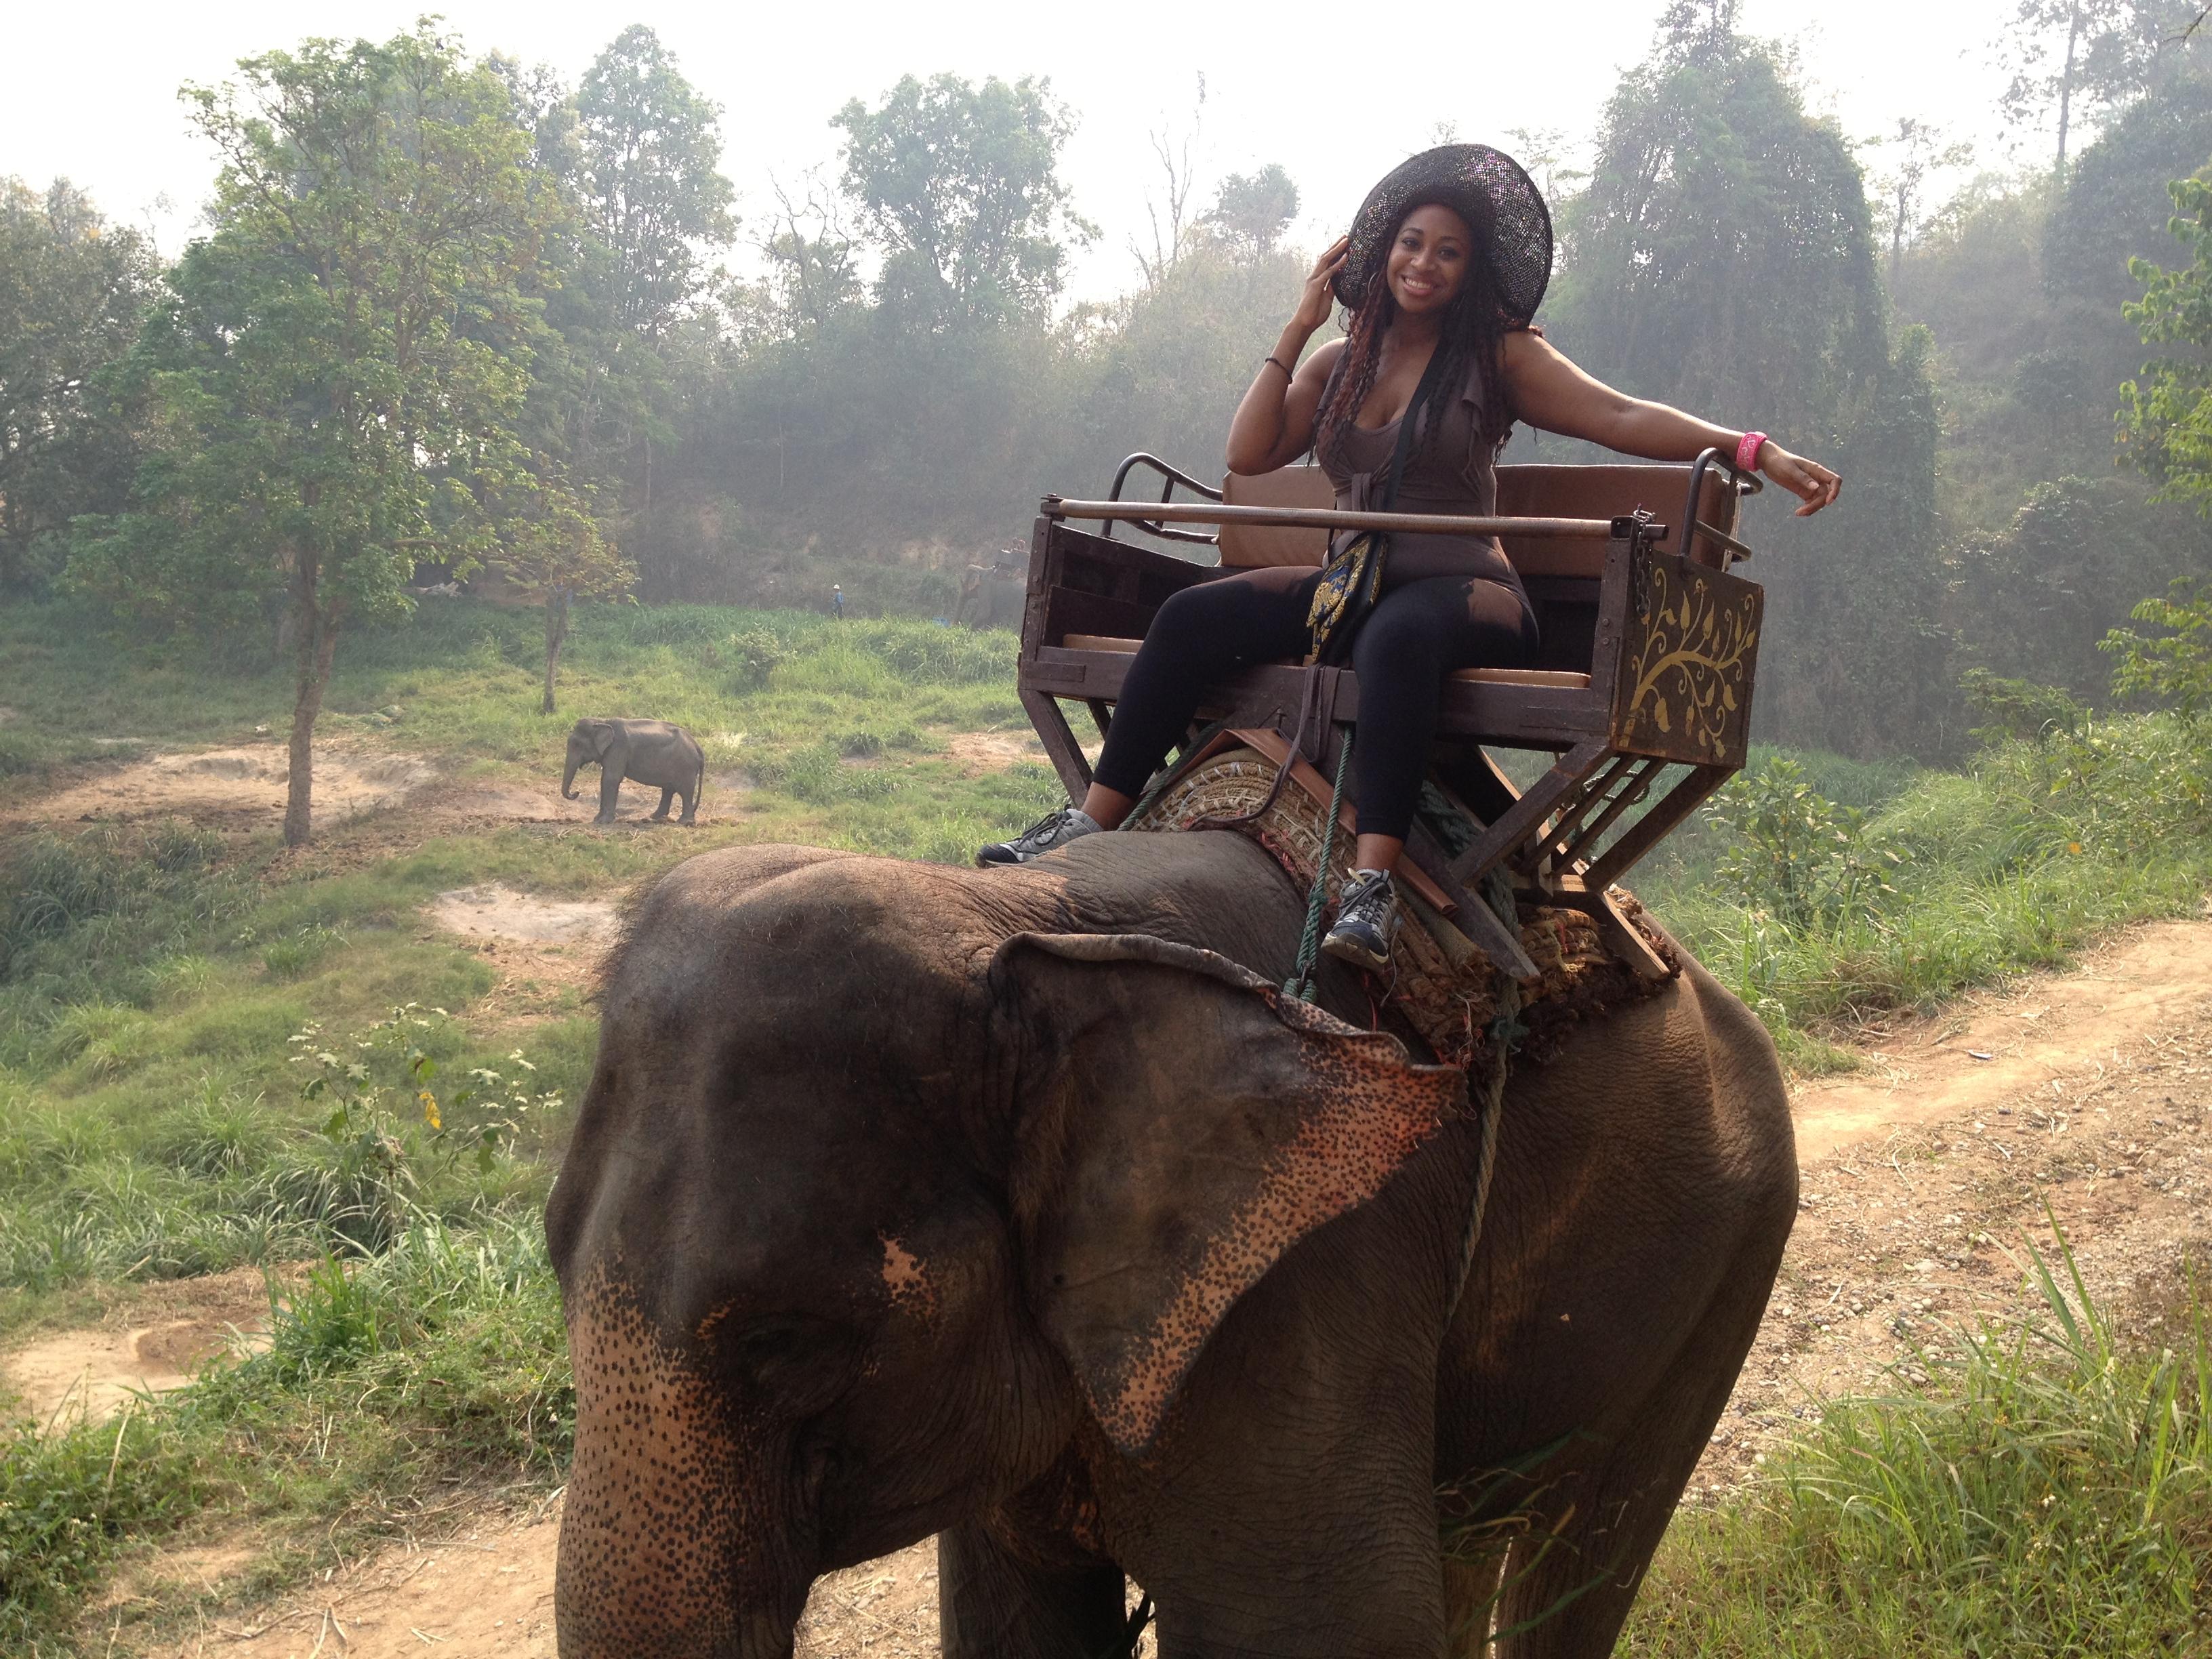 Having a little fun in Thailand